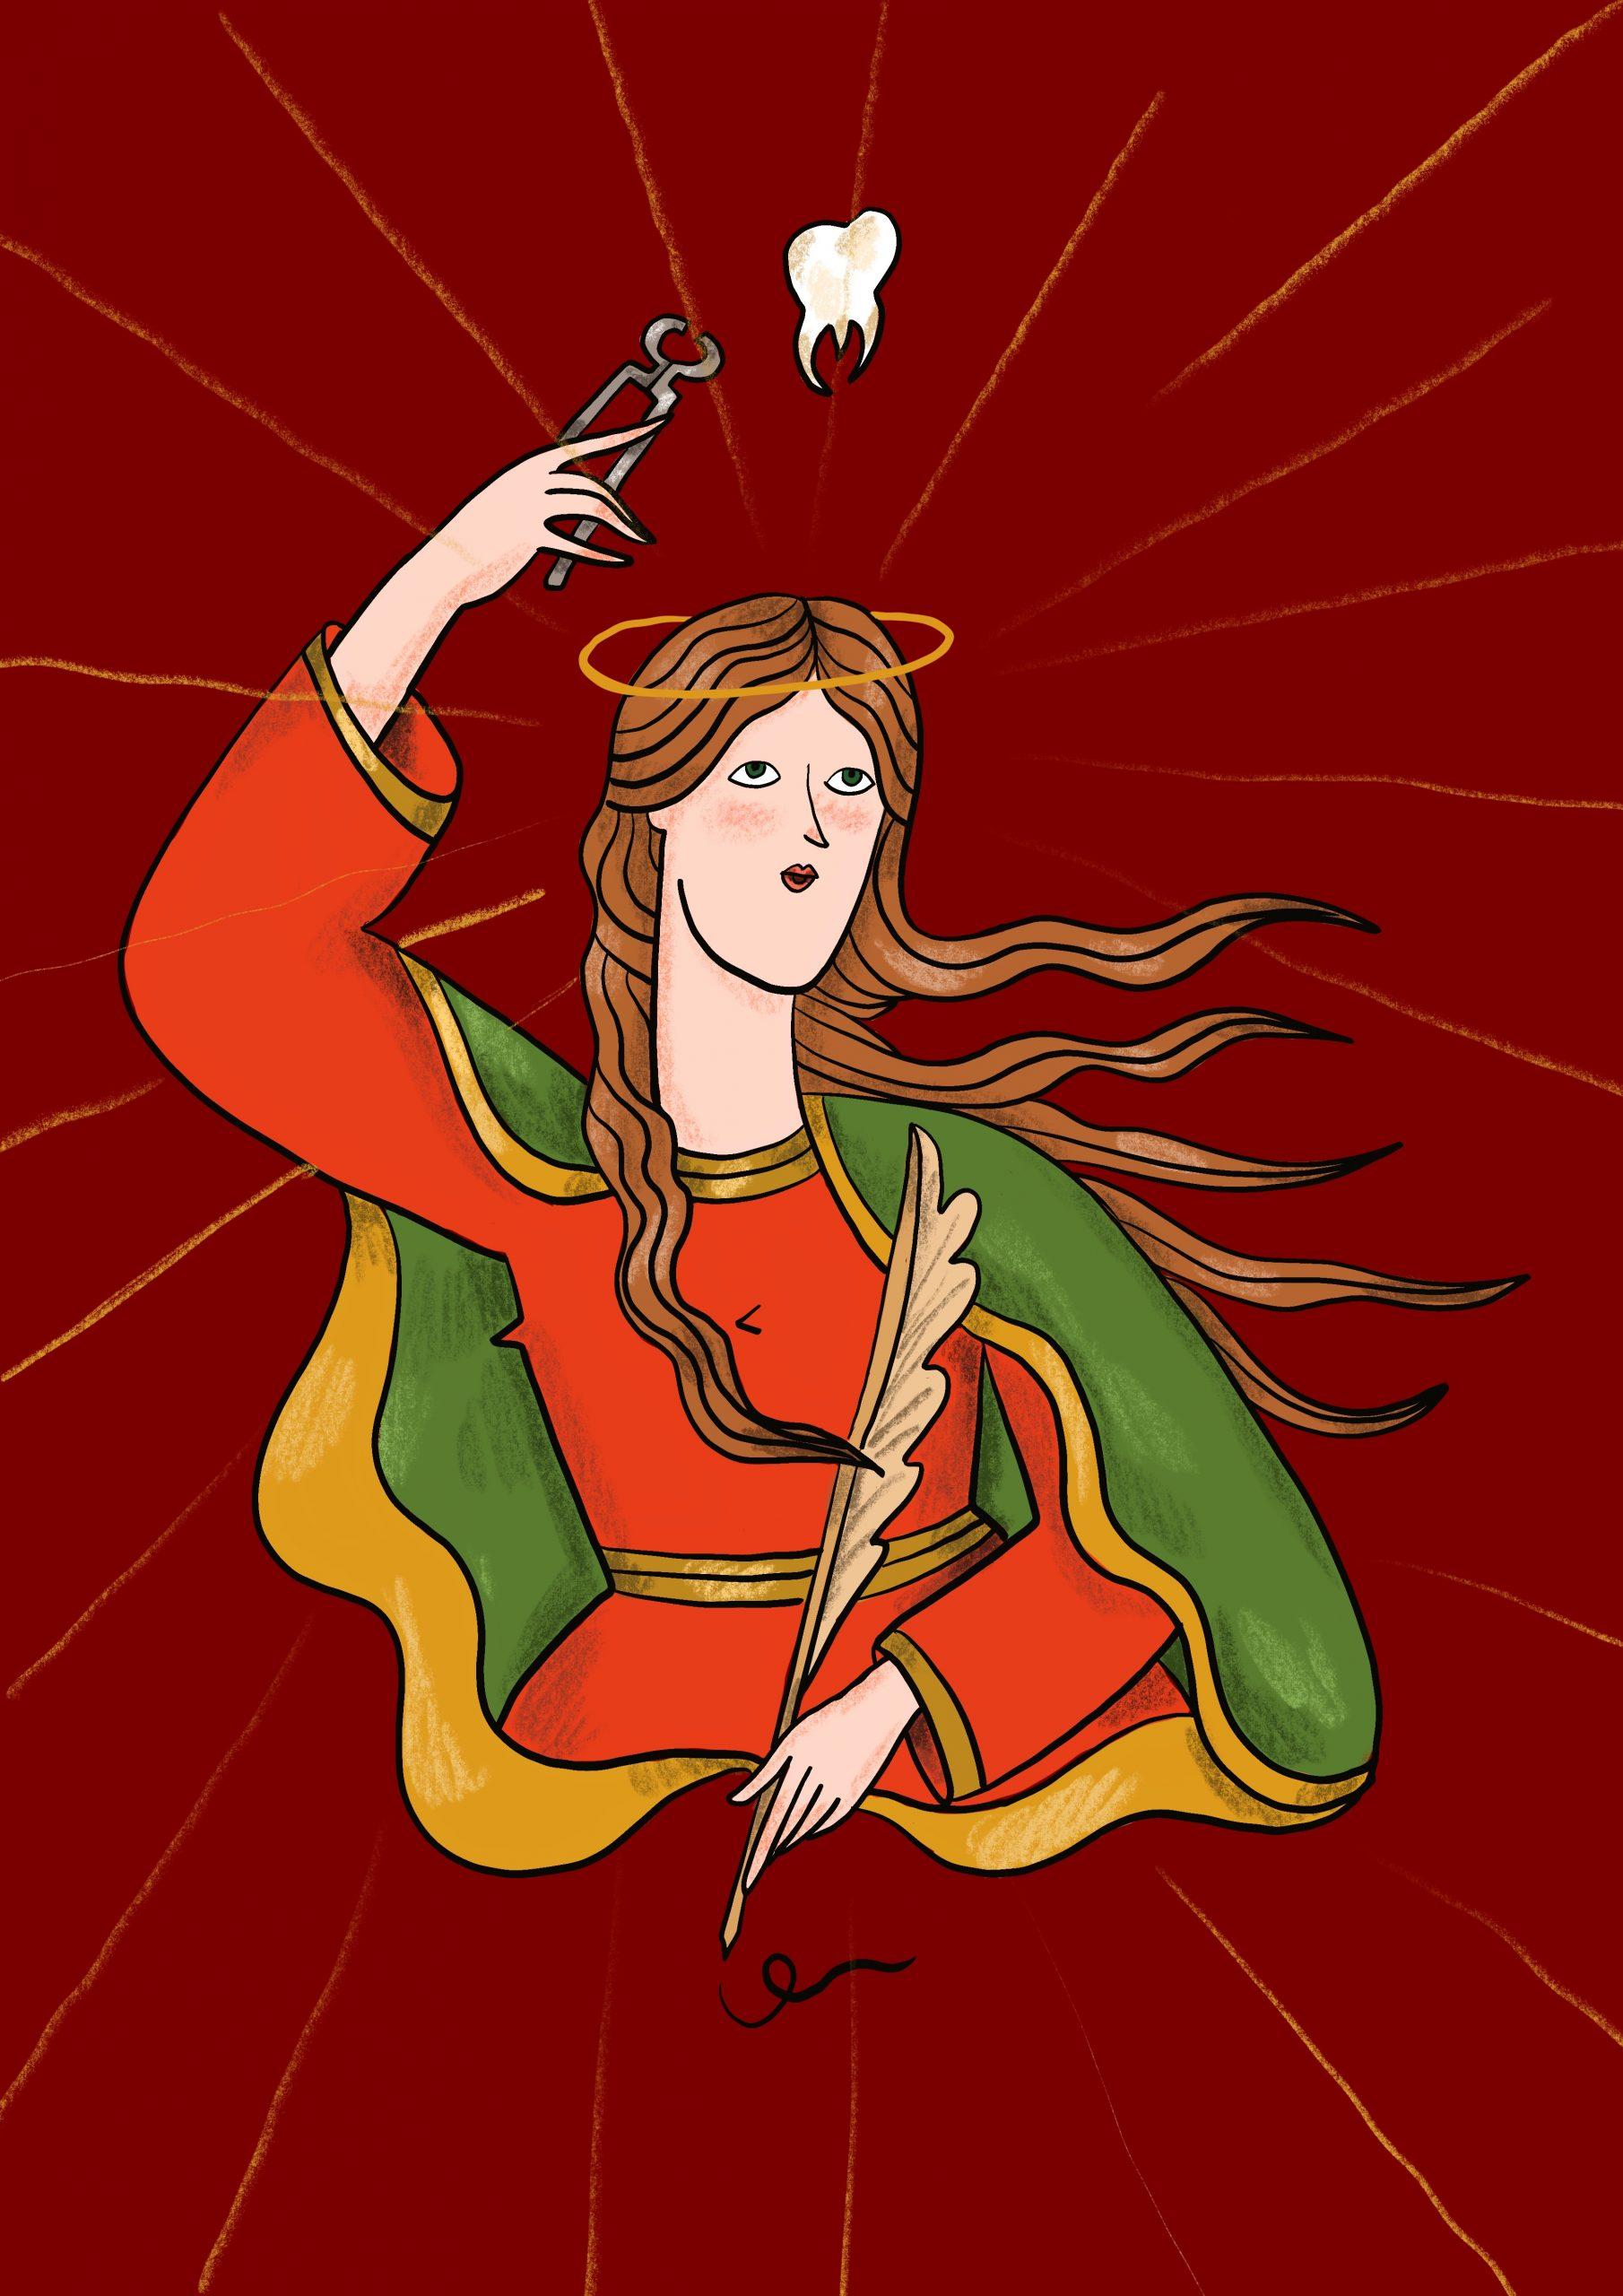 Ilustración_sin_título 12 copia